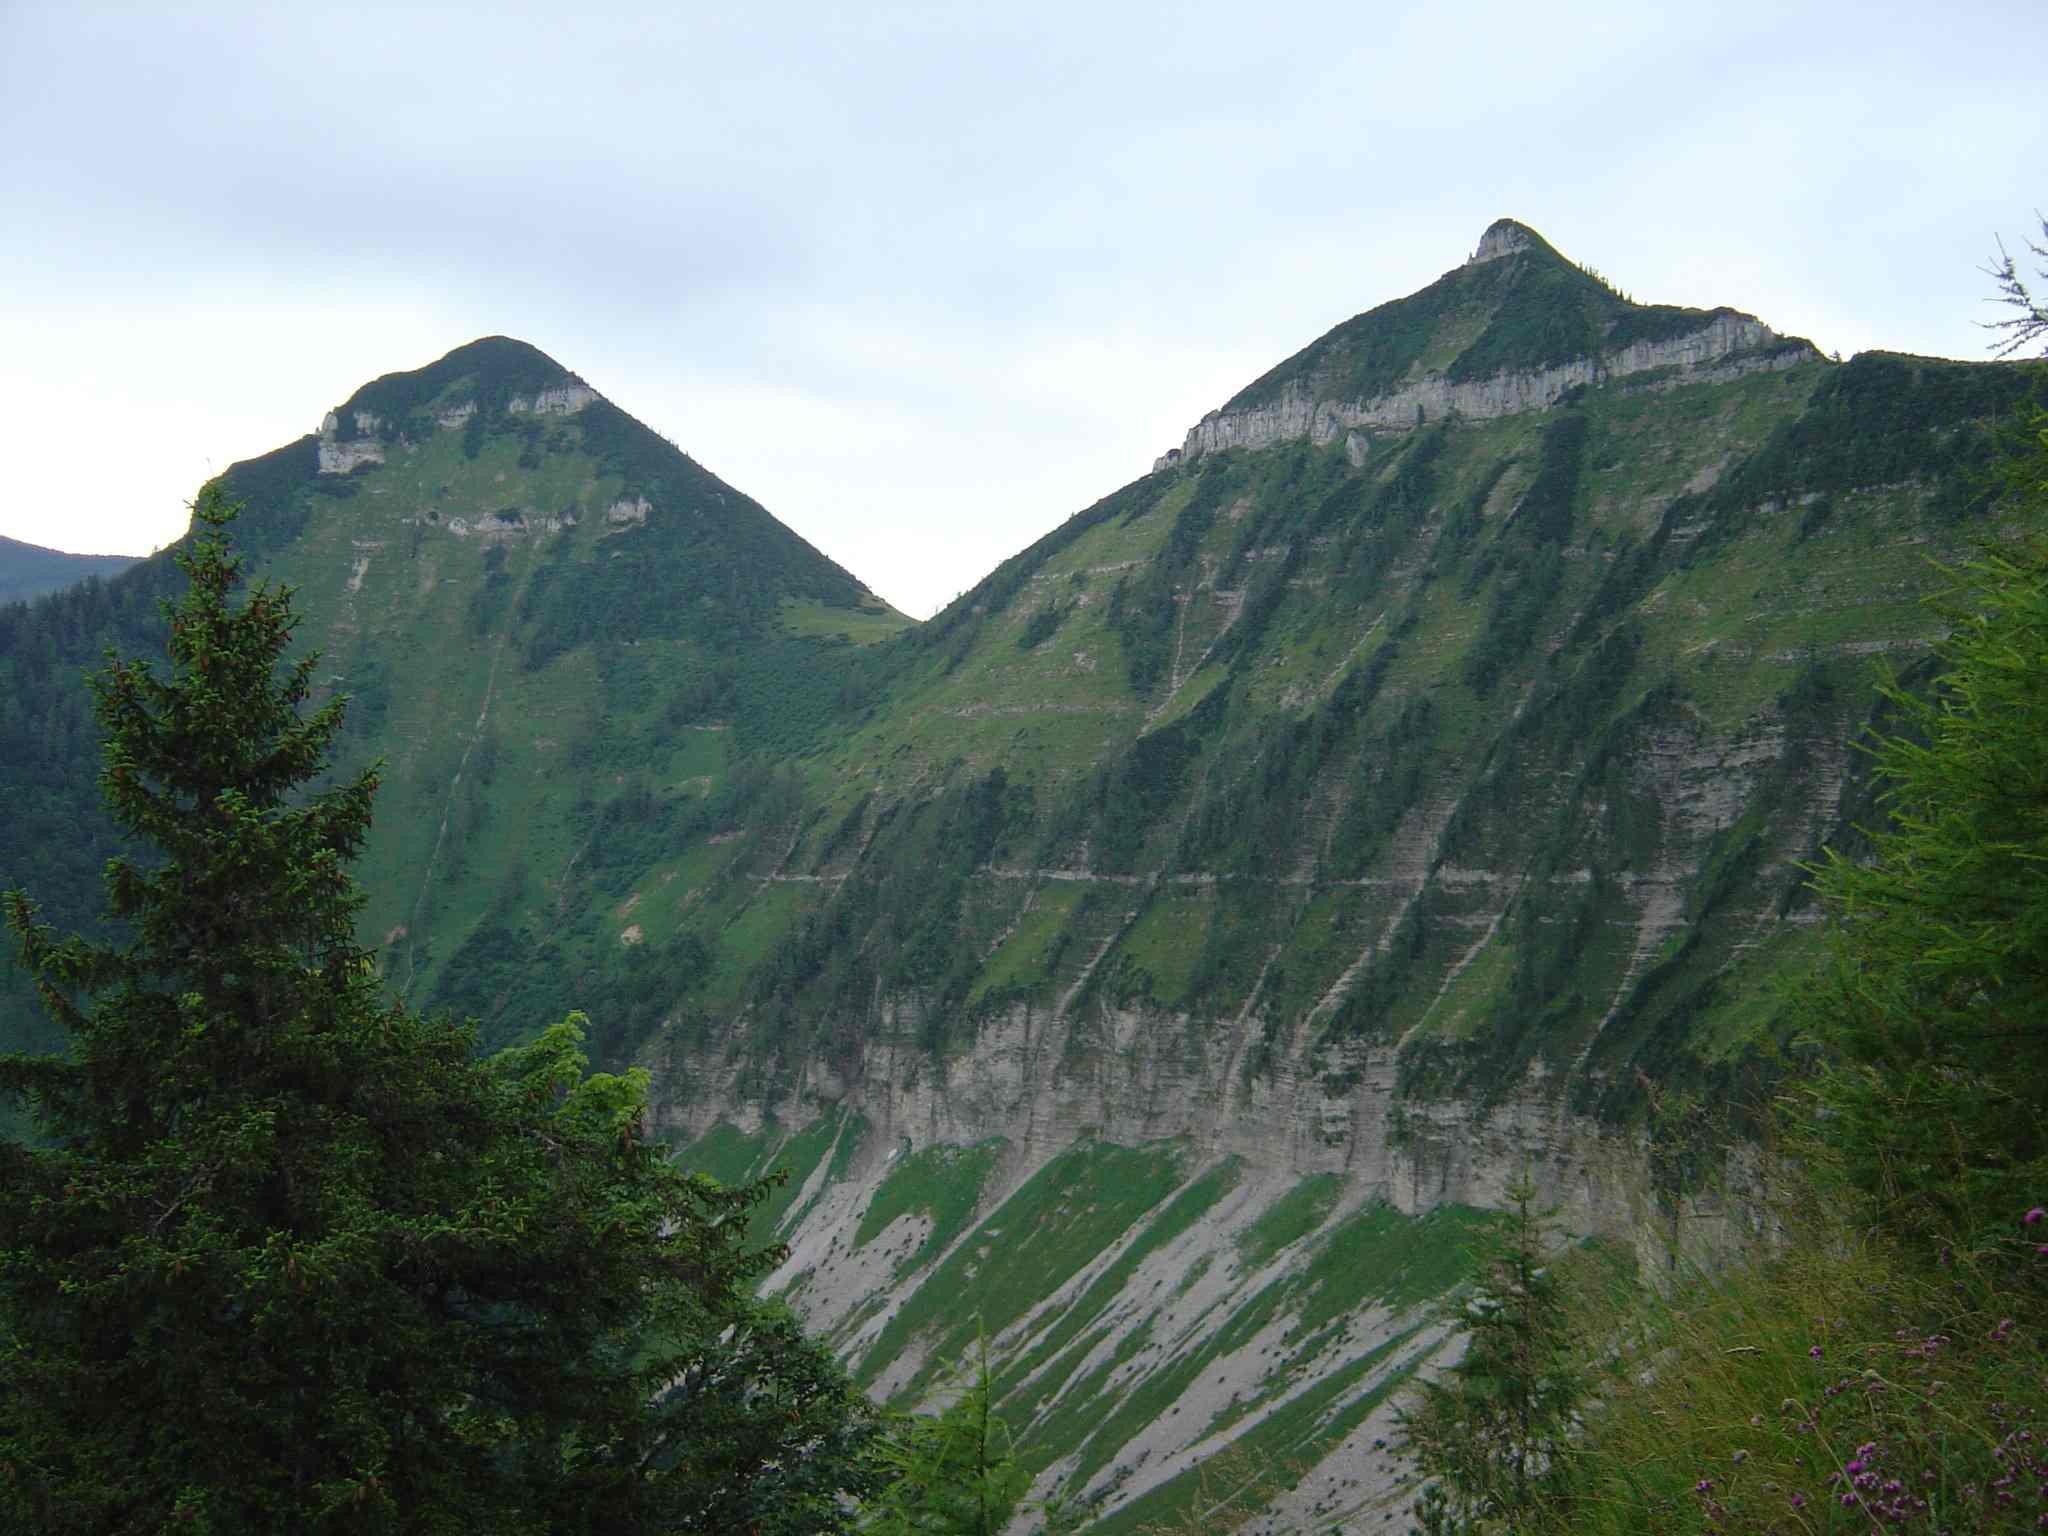 Foto: Manfred Karl / Wander Tour / Über den Nordostgrat auf den Regenspitz / Gruberhorn - Gennerhorn / 20.06.2007 18:23:55